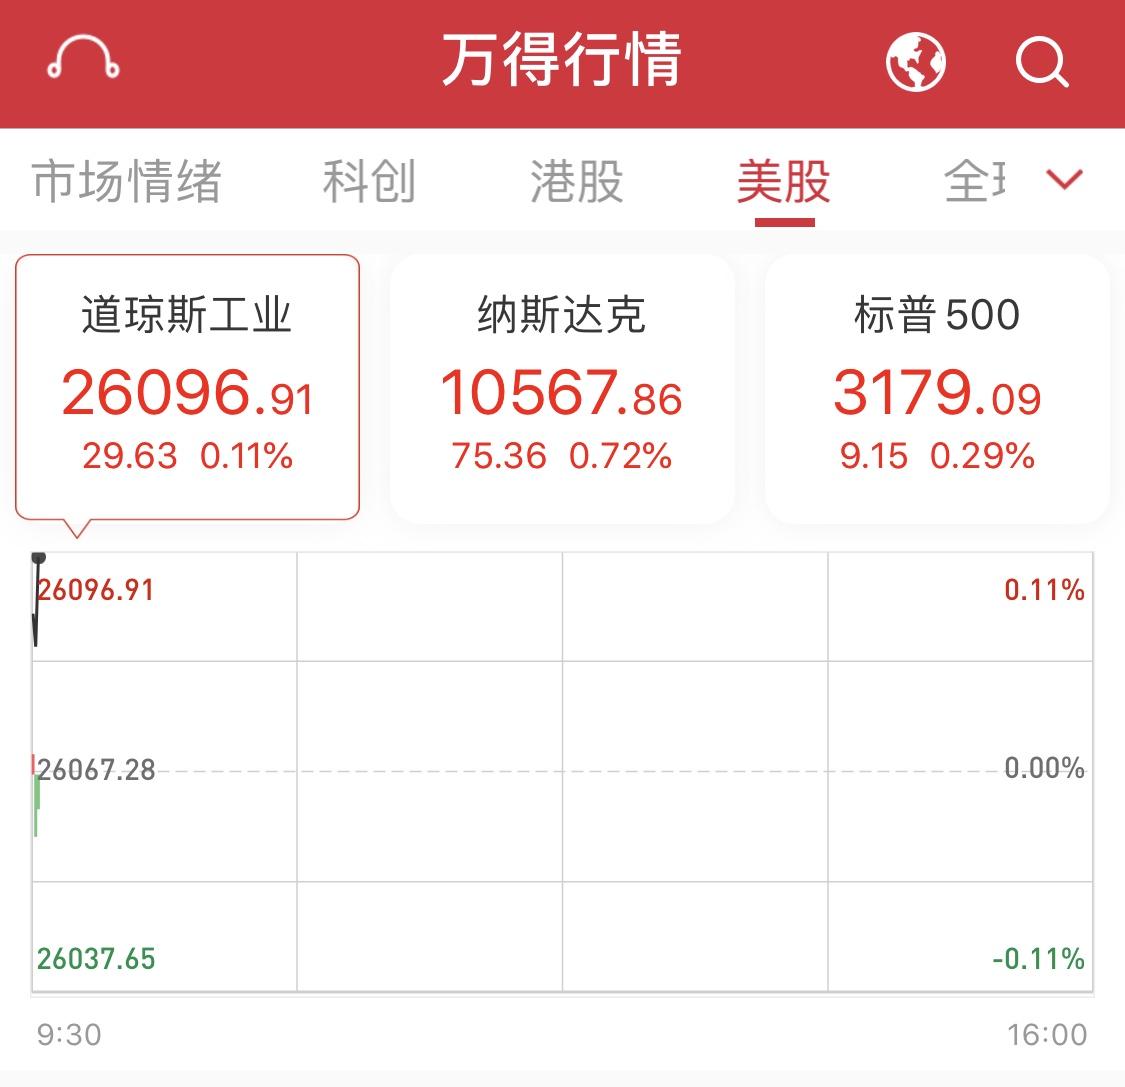 美股三大股指小幅上涨,阿里巴巴涨约3%市值超Facebook